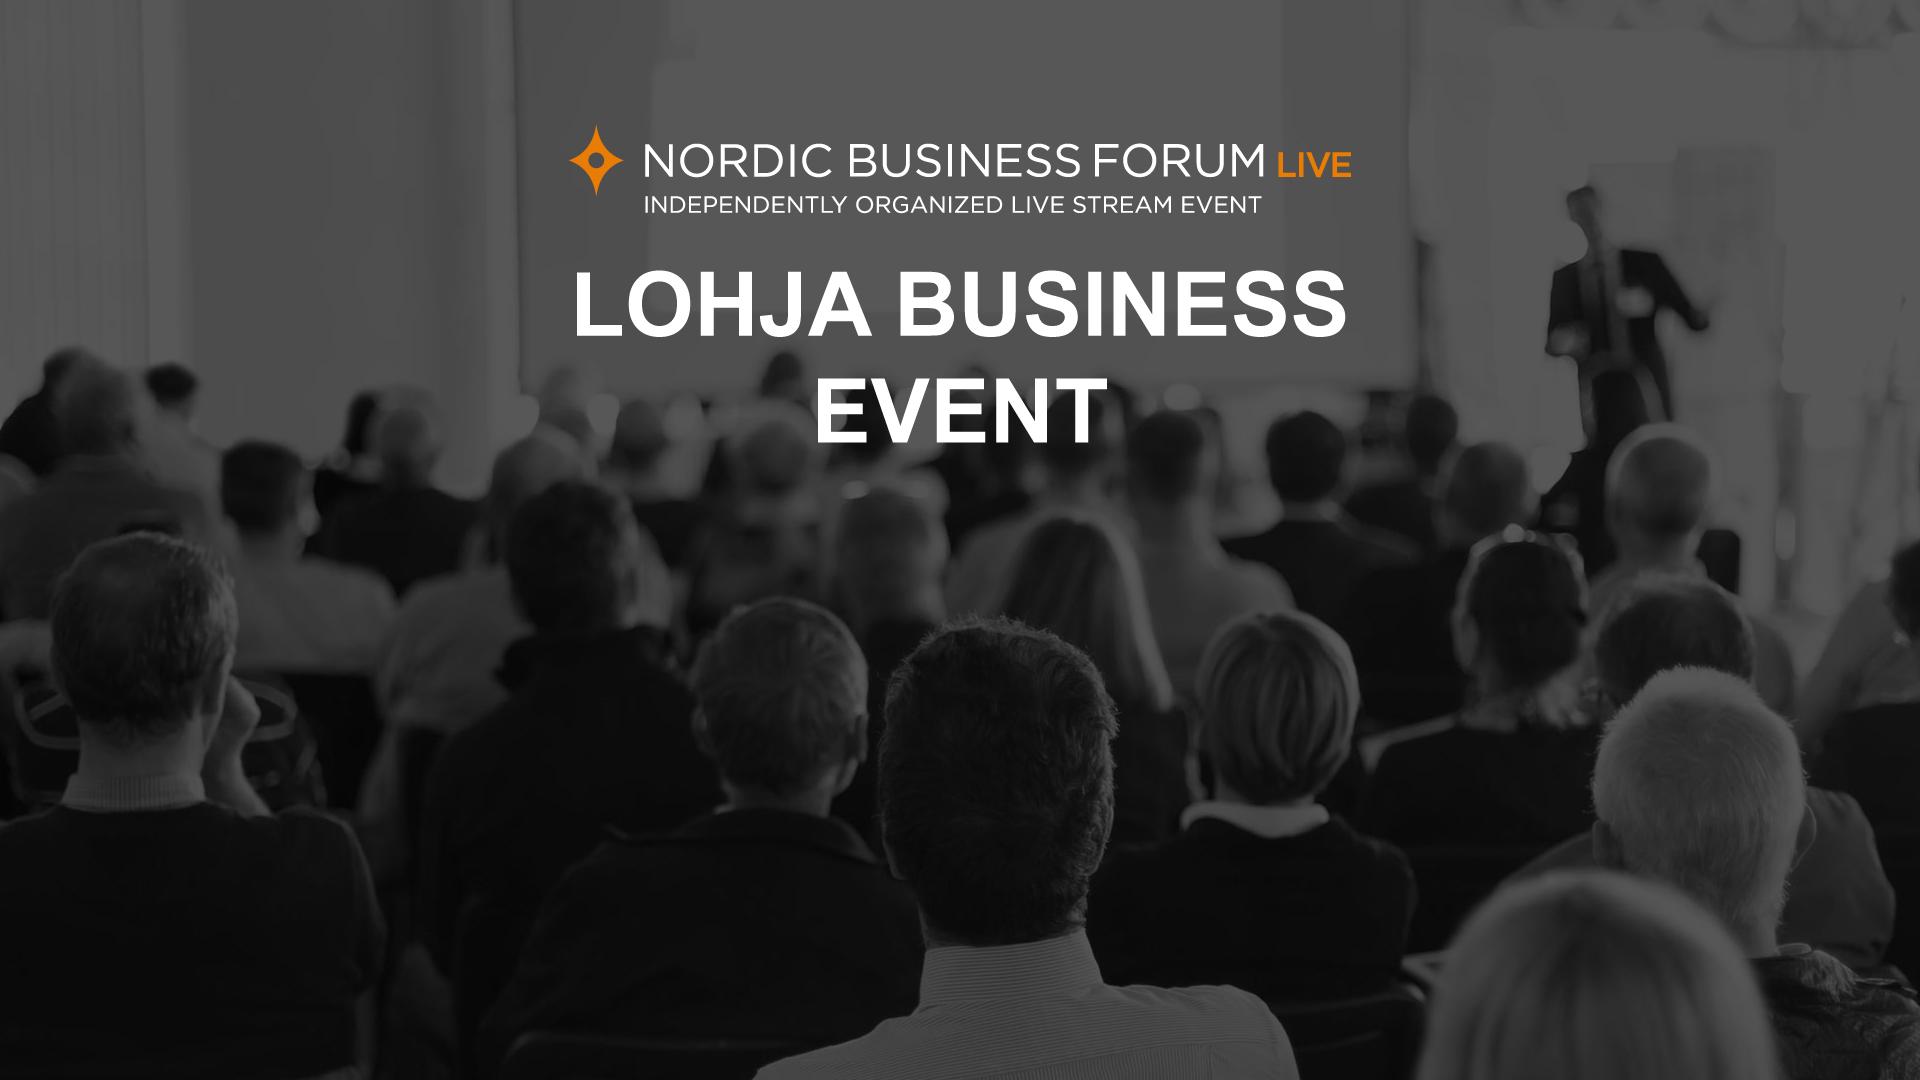 Lohja Business Event - Lohja Business Event on Innocello ry:n järjestämä suoratoistotapahtuma Nordic Business Forum -yrityskonferenssista Lohjan Puu−Anttilassa.Osallistujilla on mahdollisuus seurata tapahtuman kansainvälisiä esiintyjiä, inspiroitua sekä verkostoitua muiden paikallisten yritysten kanssa.Järjestelyihin sekä ohjelmaan lisätään paikallinen vivahde, kun mukana on esityksiä paikallisilta menestyviltä kasvuyrityksiltä, tapahtuman teeman mukaisesti.Tapahtumassa on suoratoistoyhteys Nordic Business Forumin kansainvälisiin luentoihin, jossa pääpuhujana on George Clooney. Nordic Business Forumin ohjelma on englanninkielinen, muutoin Lohja Business Event on suomenkielinen.